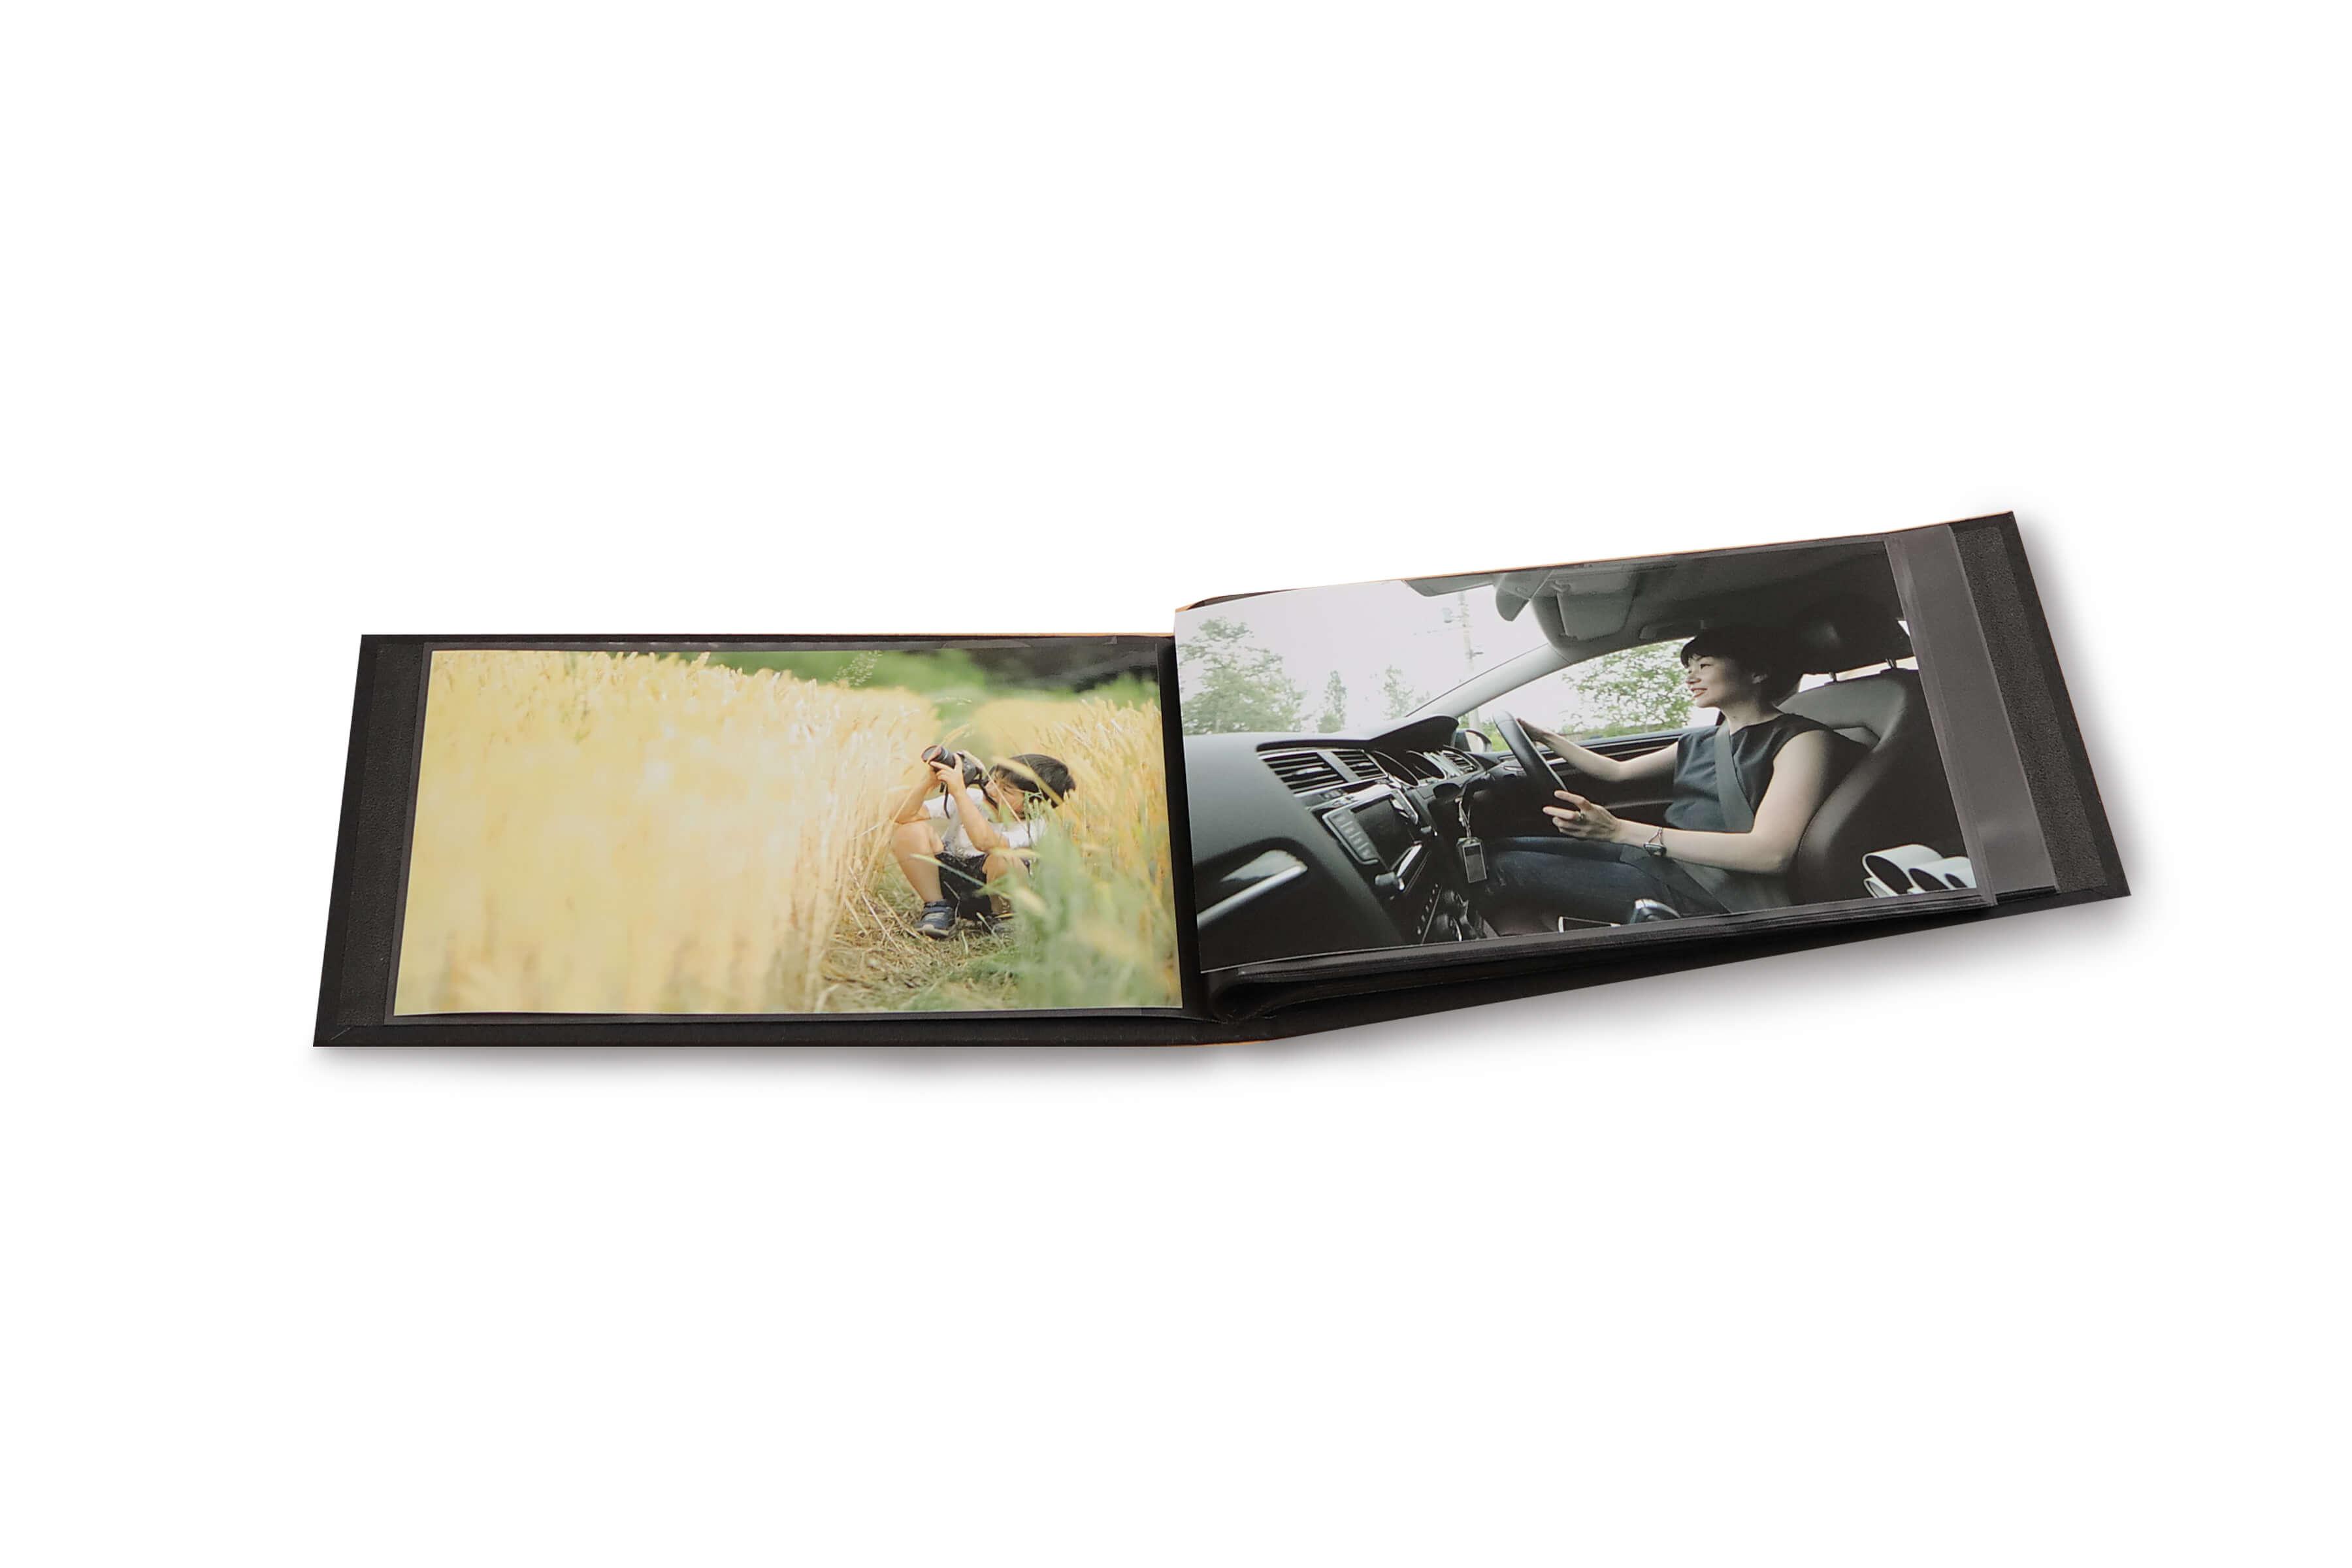 2Lサイズプリント40枚入り布張りハードカバーアルバム